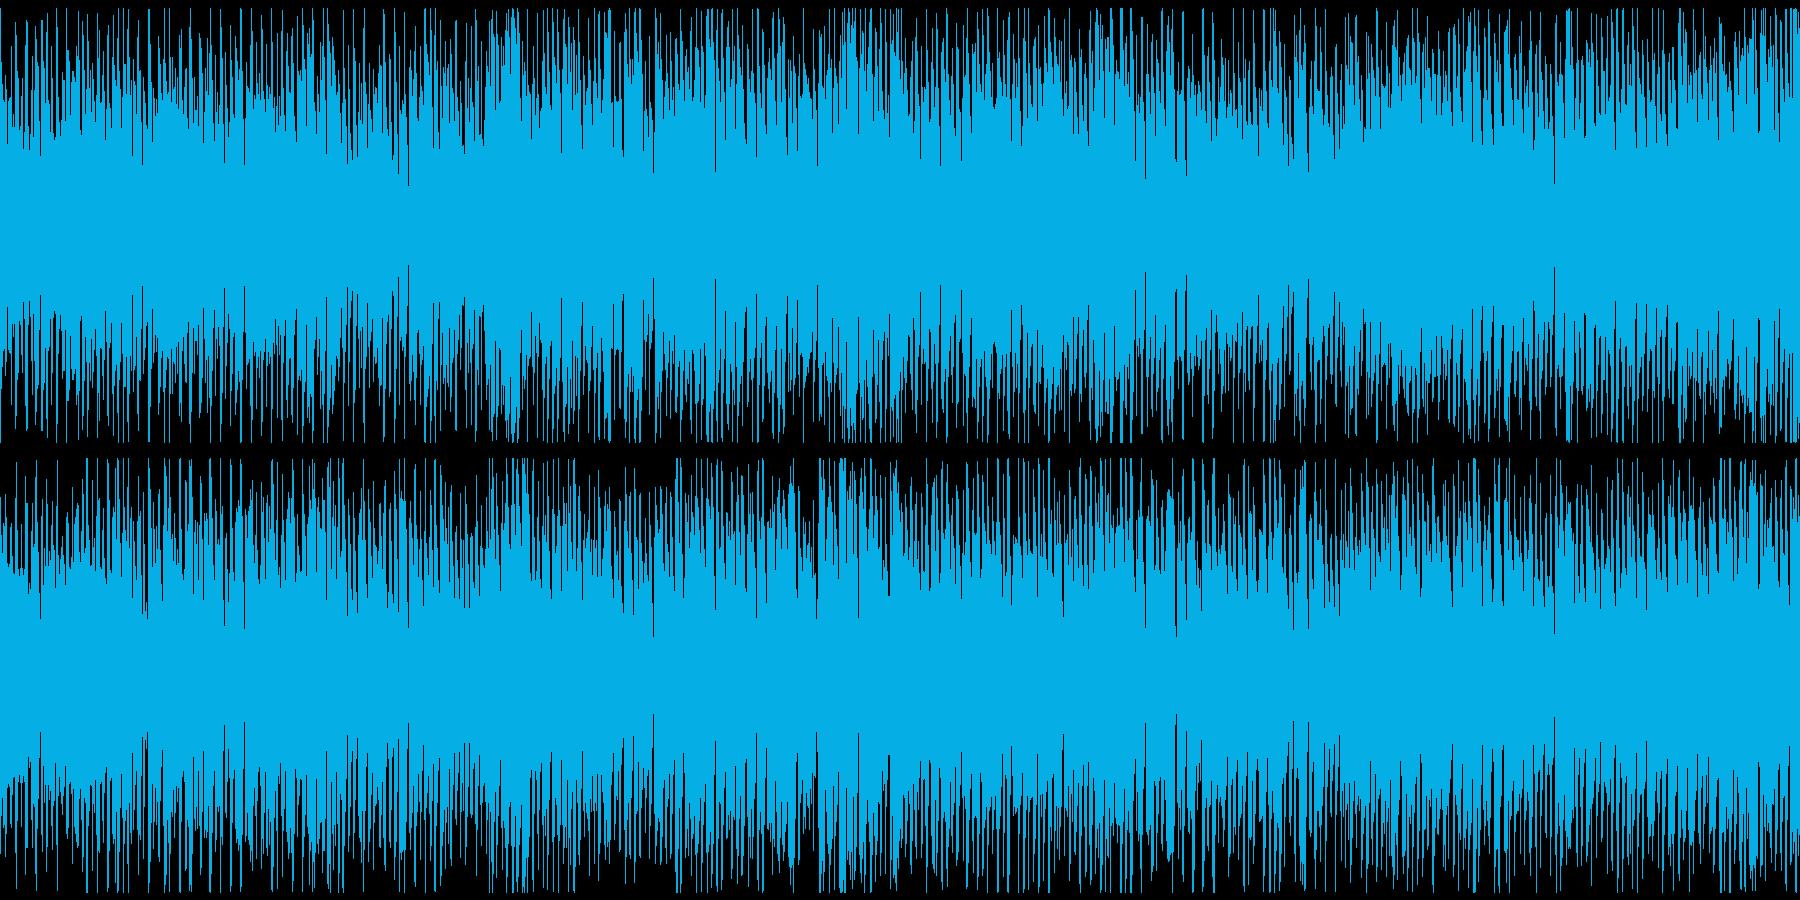 カートゥーン的なドタバタBGM※ループ版の再生済みの波形